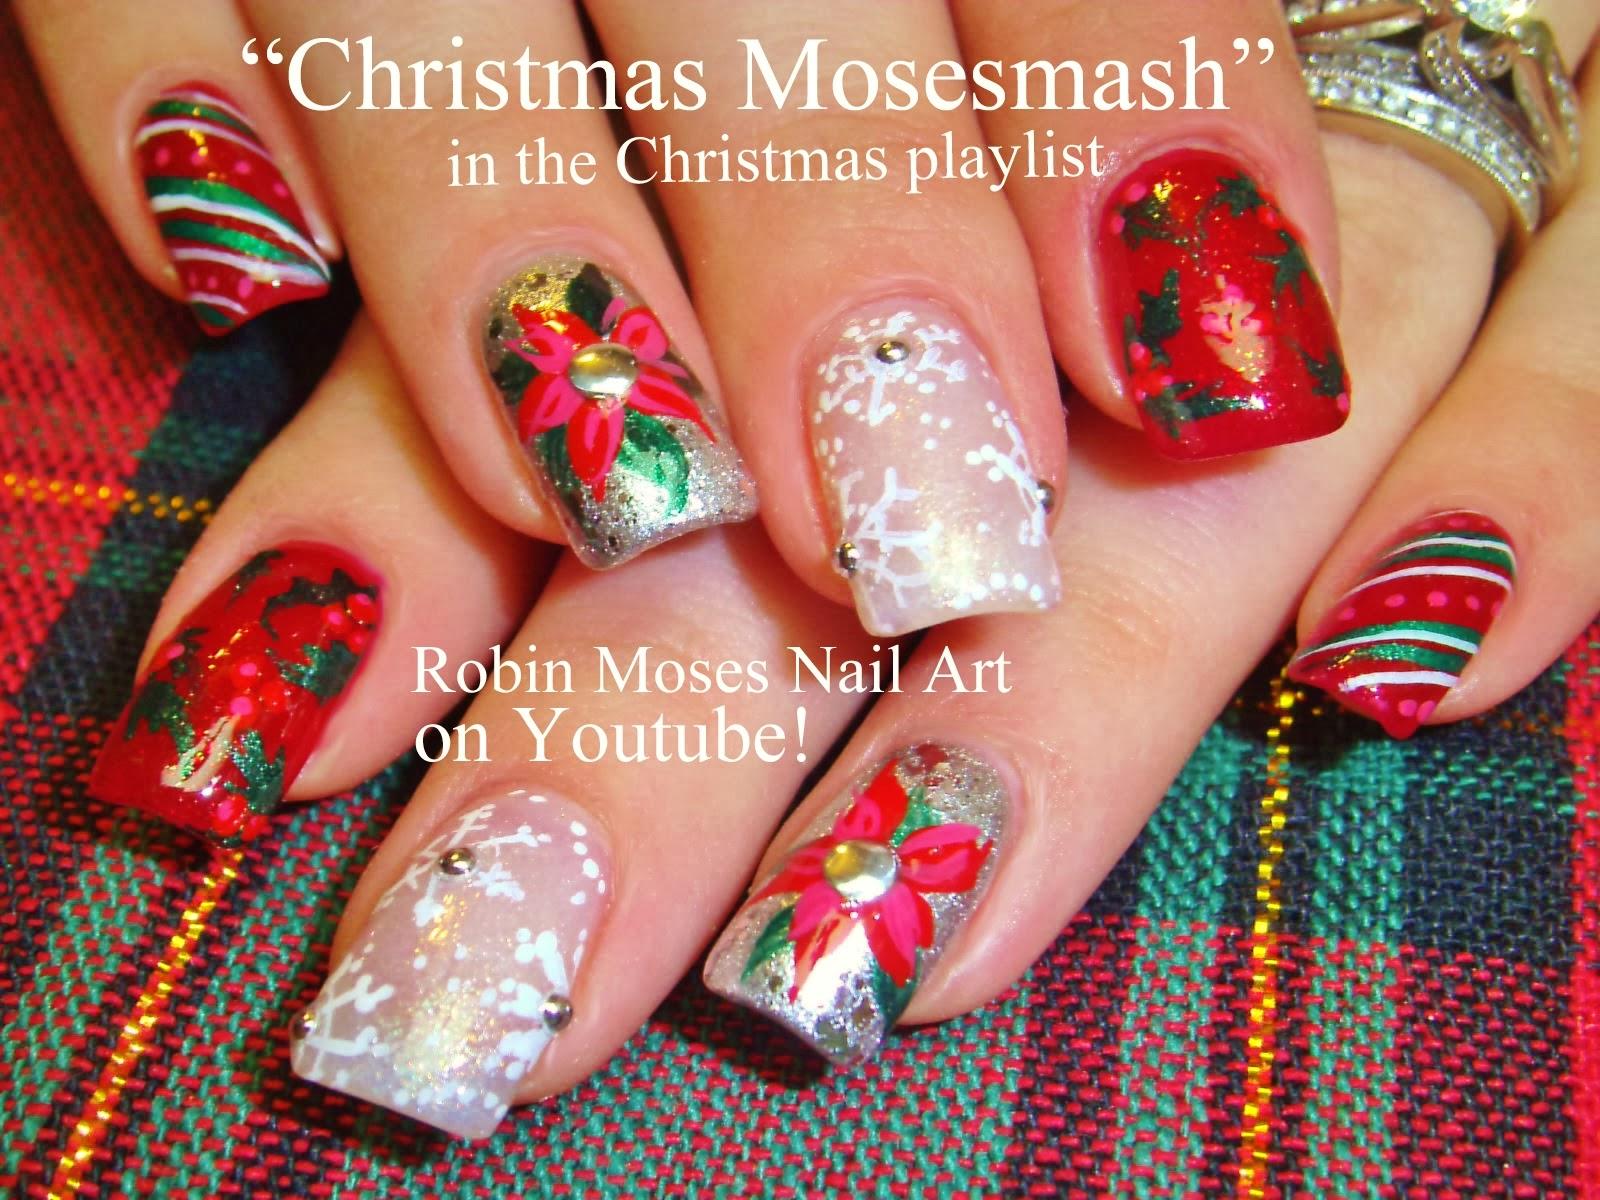 Robin moses nail art nail art christmas holiday nail art nail art christmas holiday nail art holiday ideas holiday nails xmas nails xmas nail art poinsettias snowflake nails candy cane nails prinsesfo Images